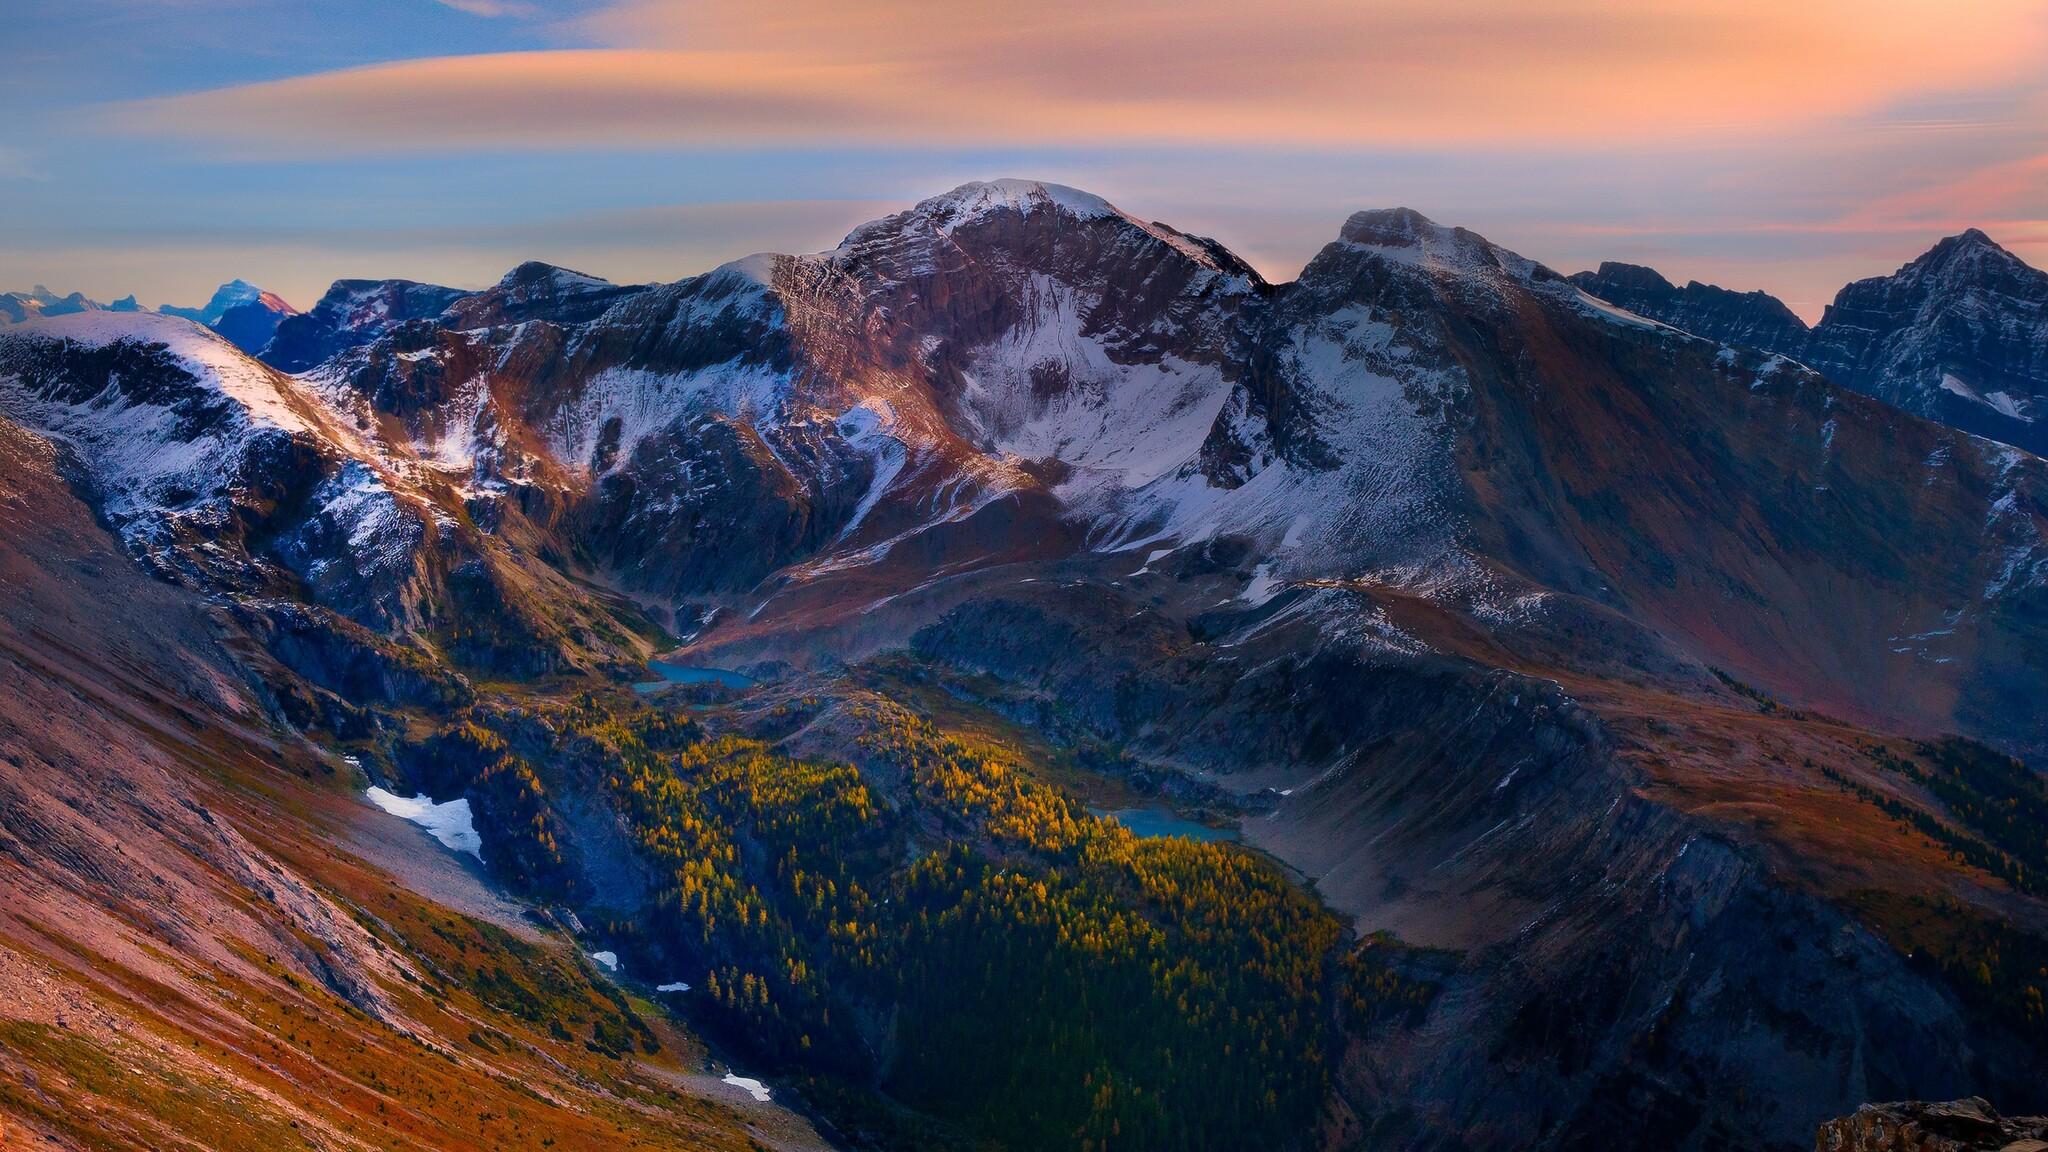 2048x1152 Mountain Peaks Beautiful Scenery 2048x1152 ...